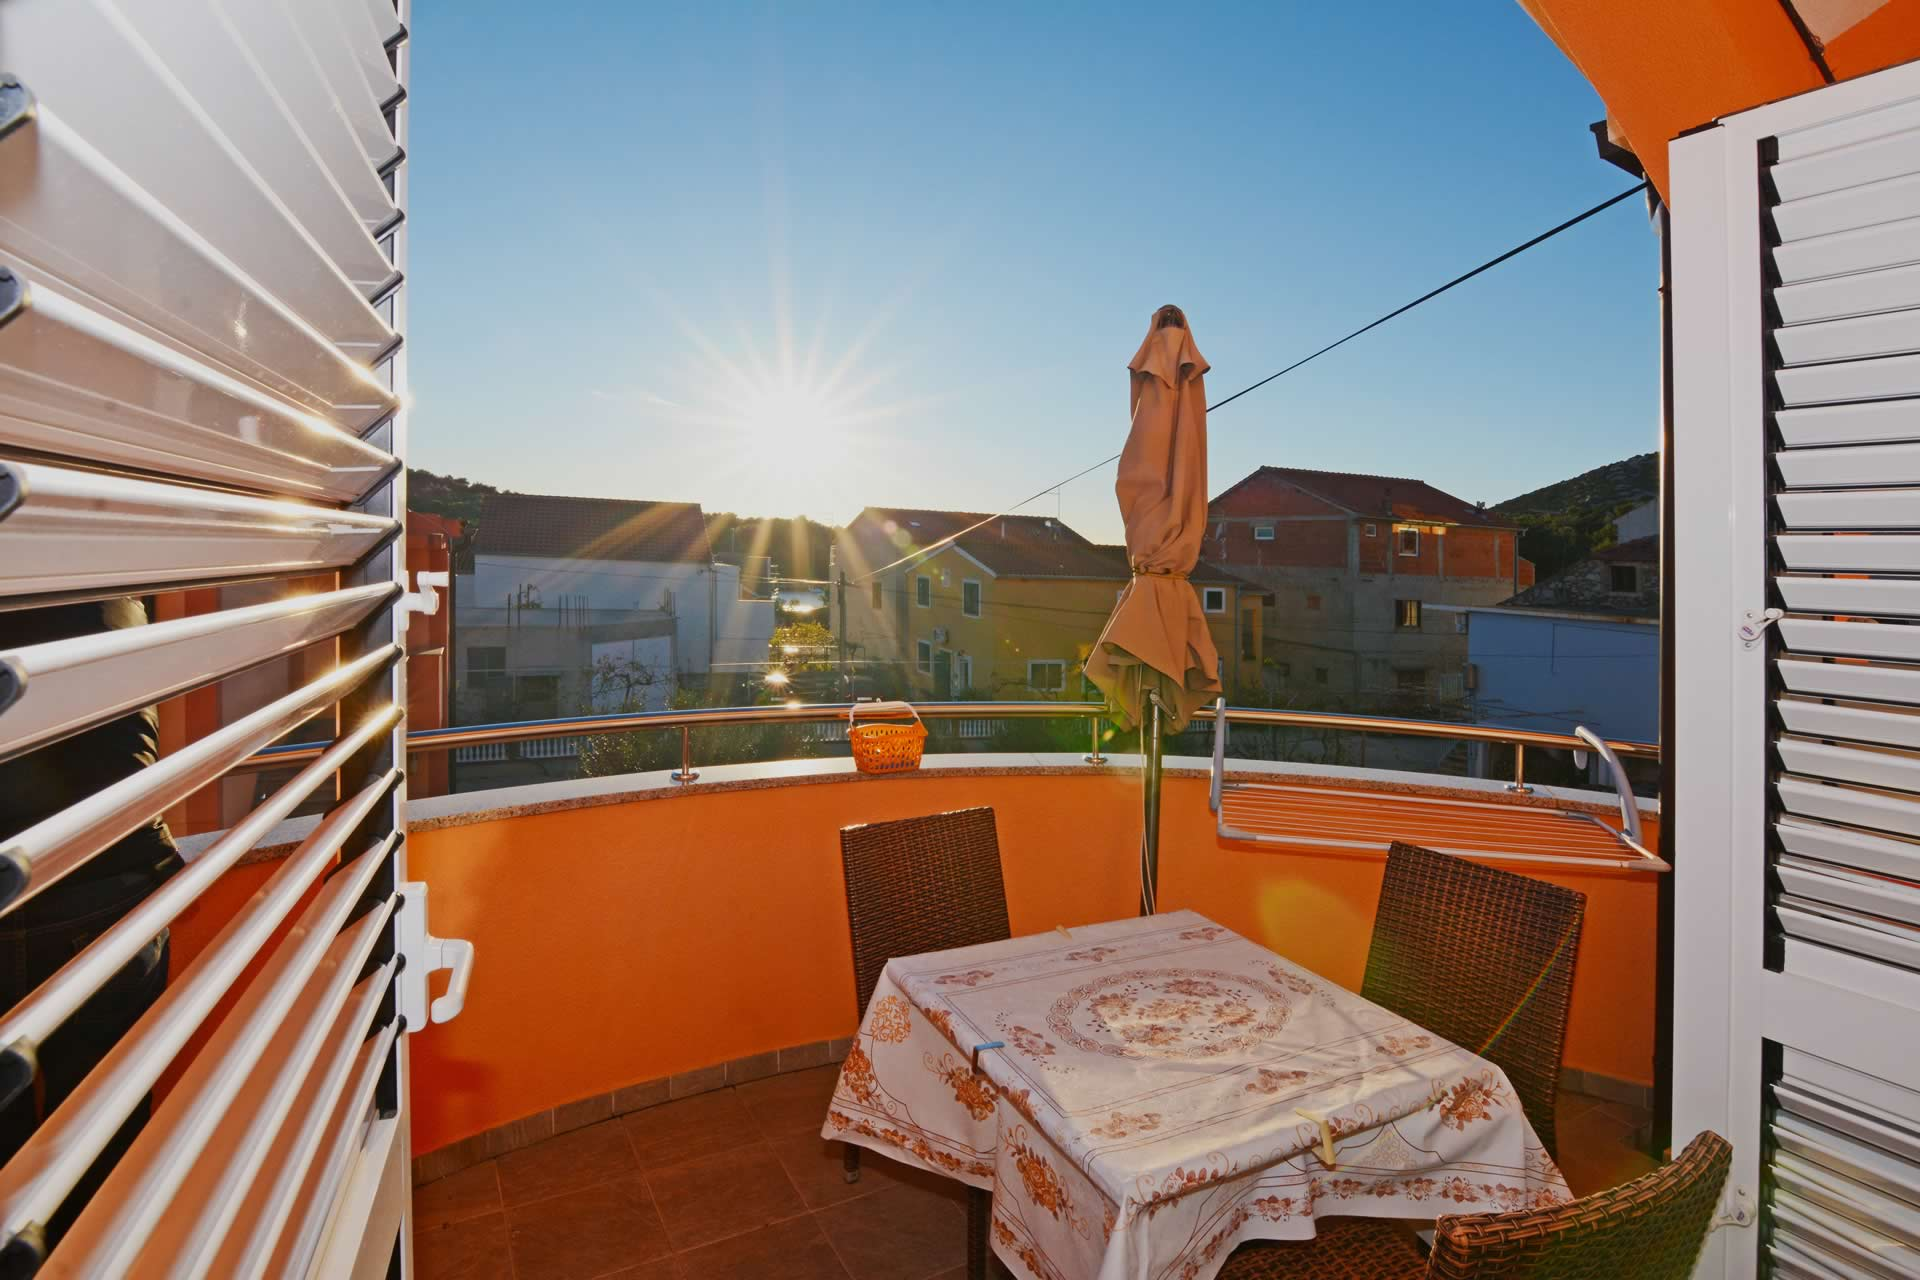 Ferienwohnungen und Apartments für Ihren Bootscharter, Bootsurlaub mit Bootsanleger, Bootsliegeplatz